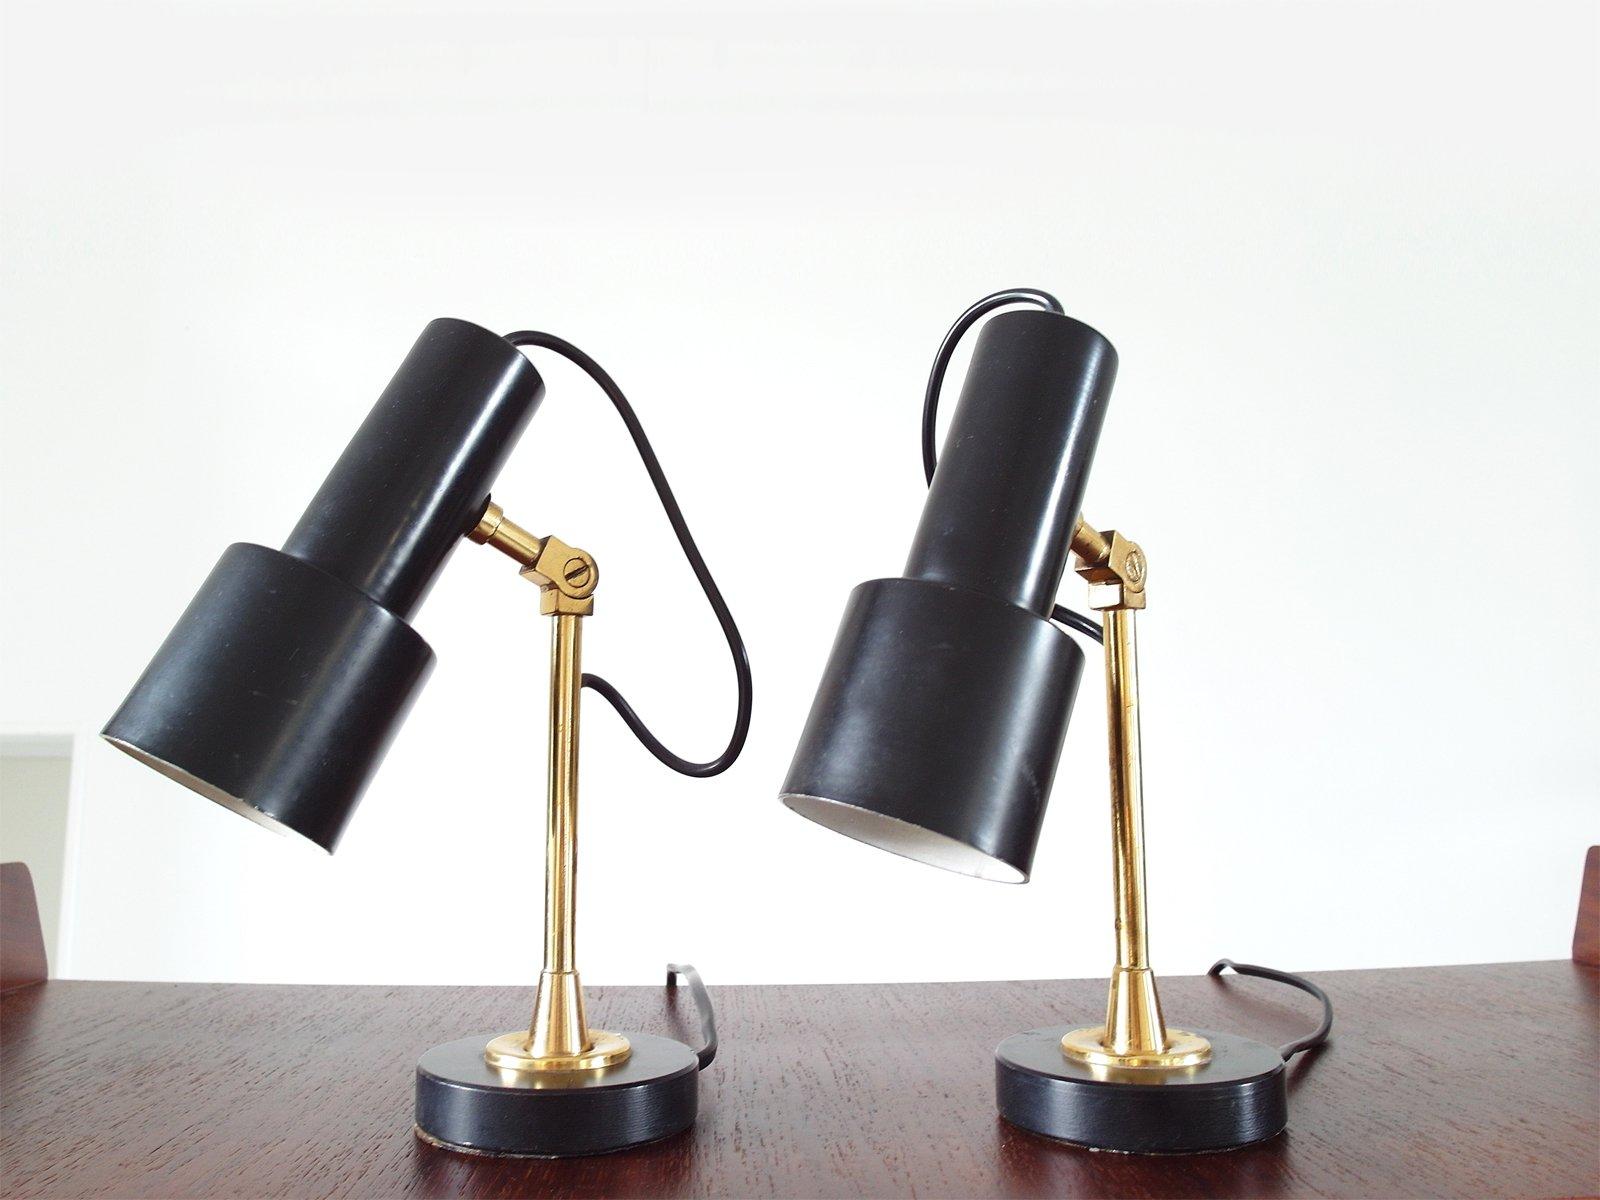 Lampade da tavolo in ottone di stilnovo anni 39 50 set di 2 in vendita su pamono - Lampade da tavolo anni 50 ...